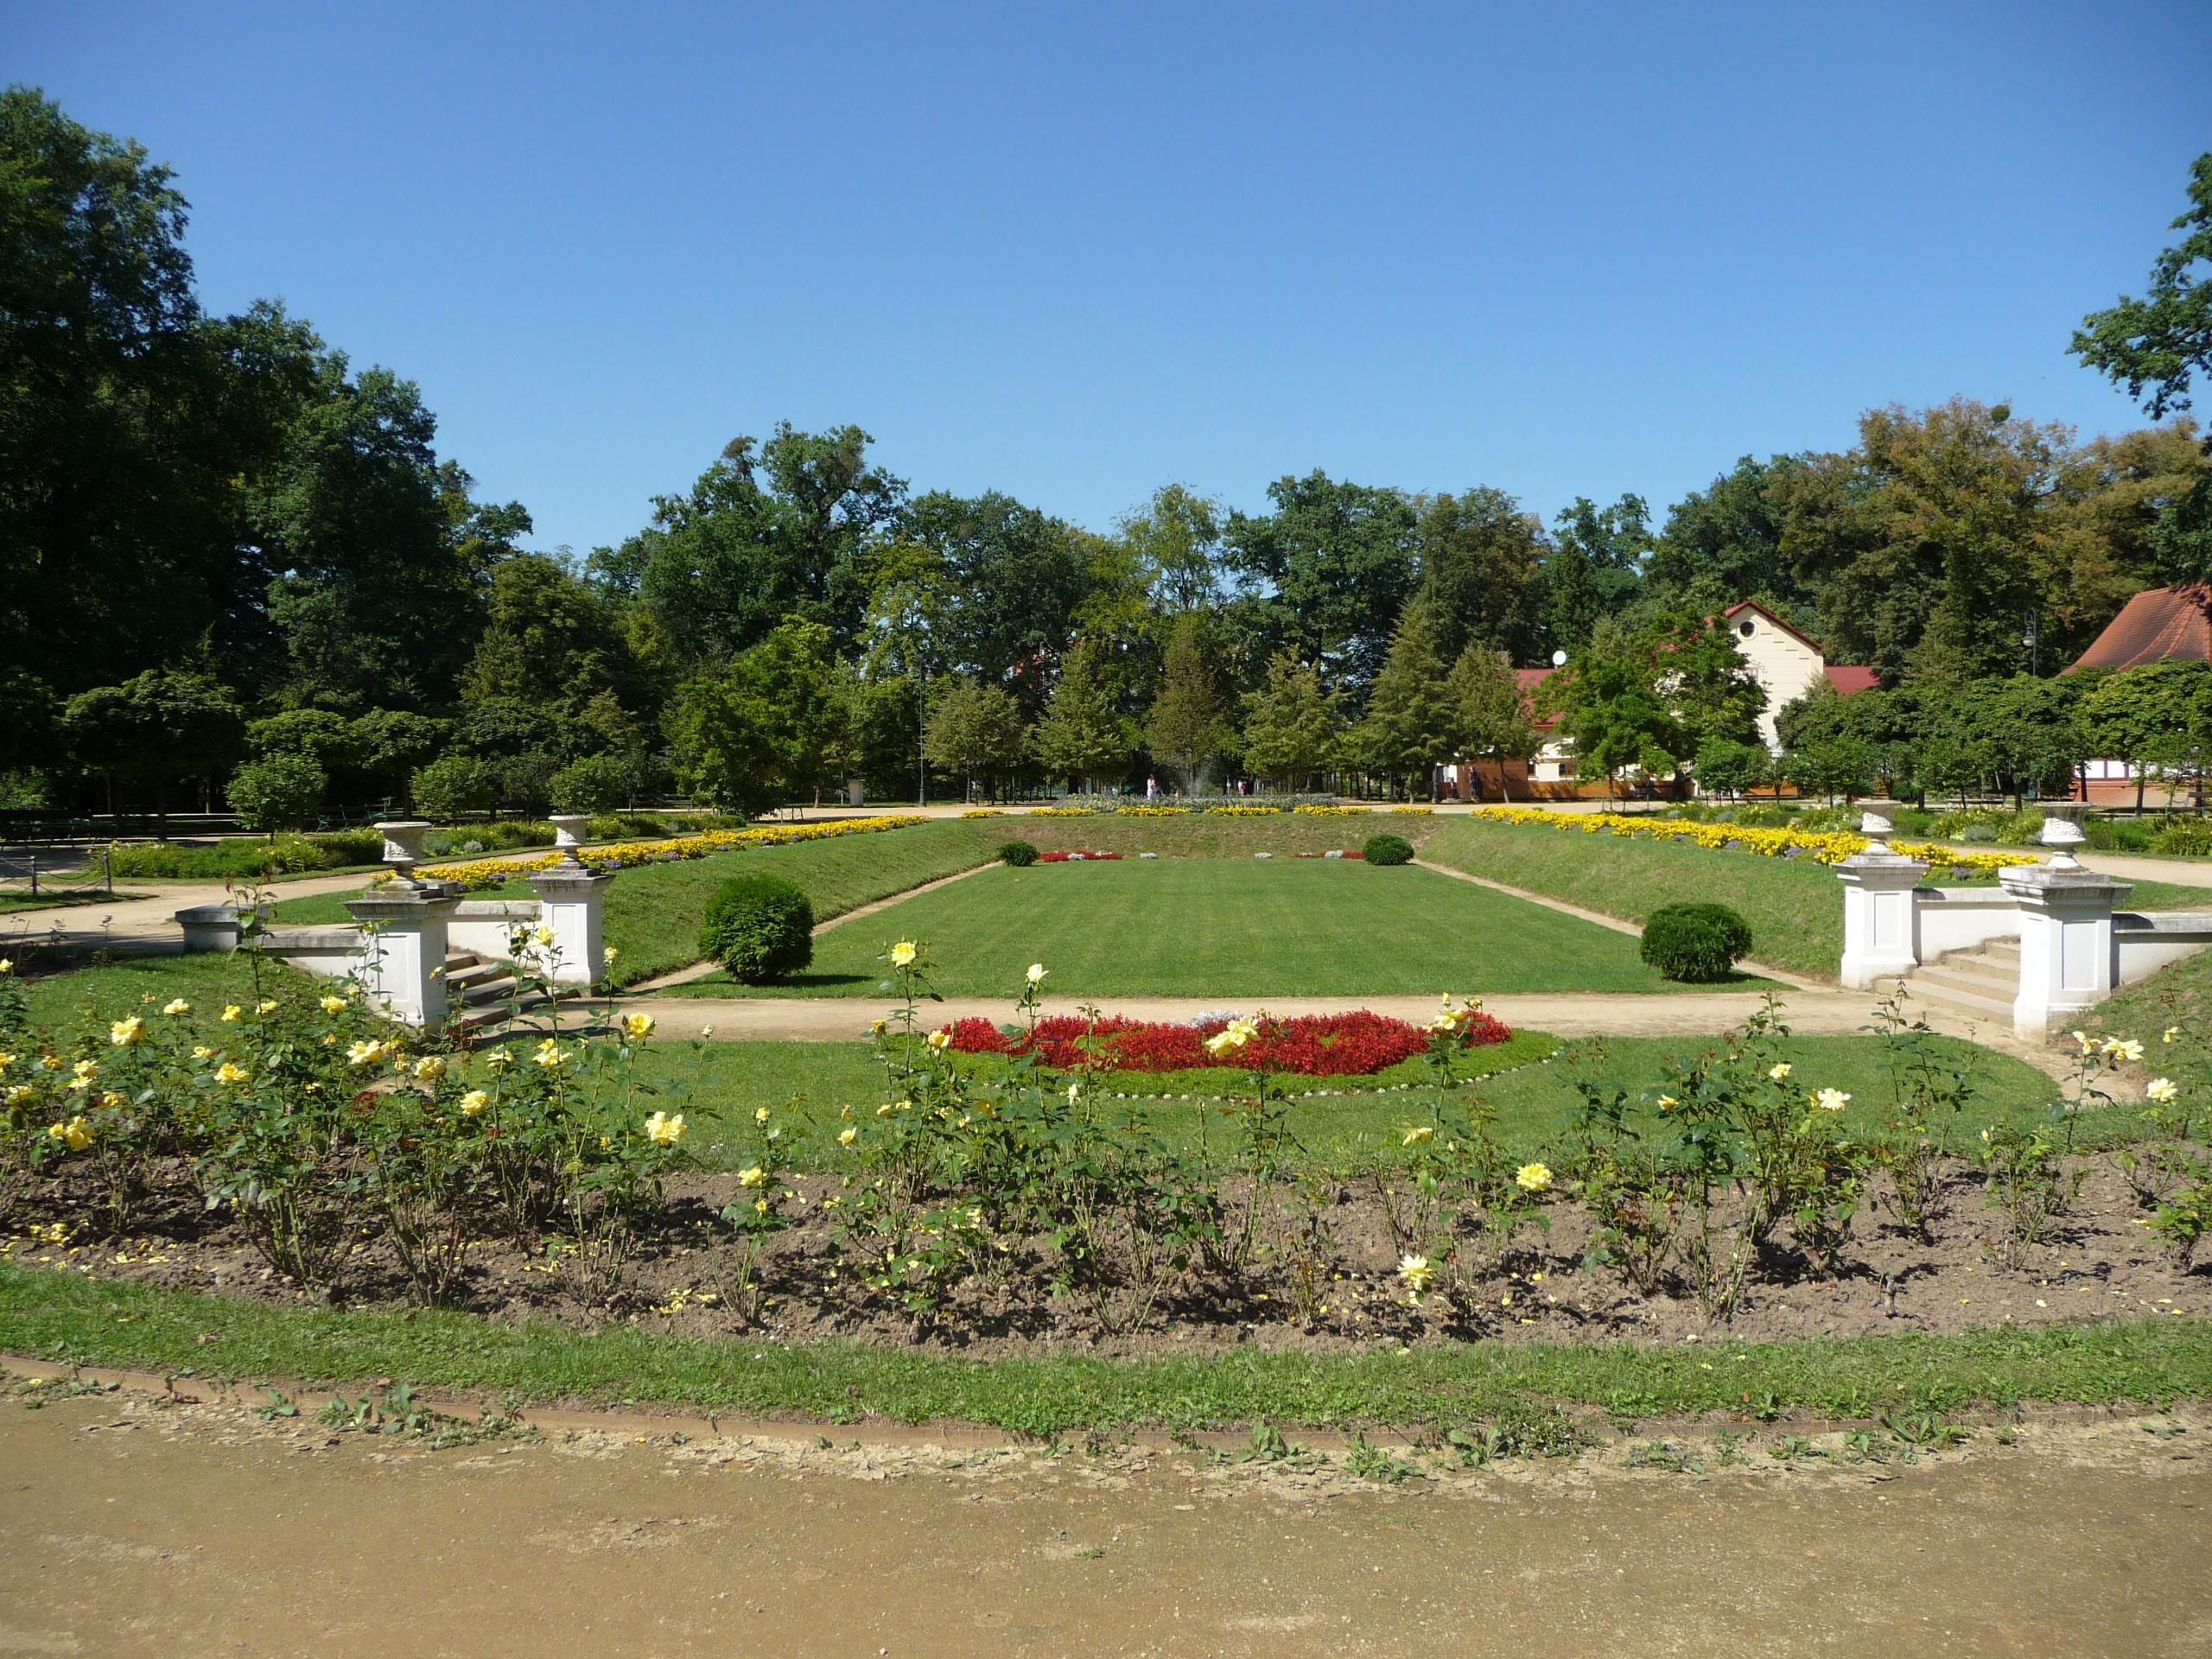 Městský park Michalov , obrázek se otevře v novém okně